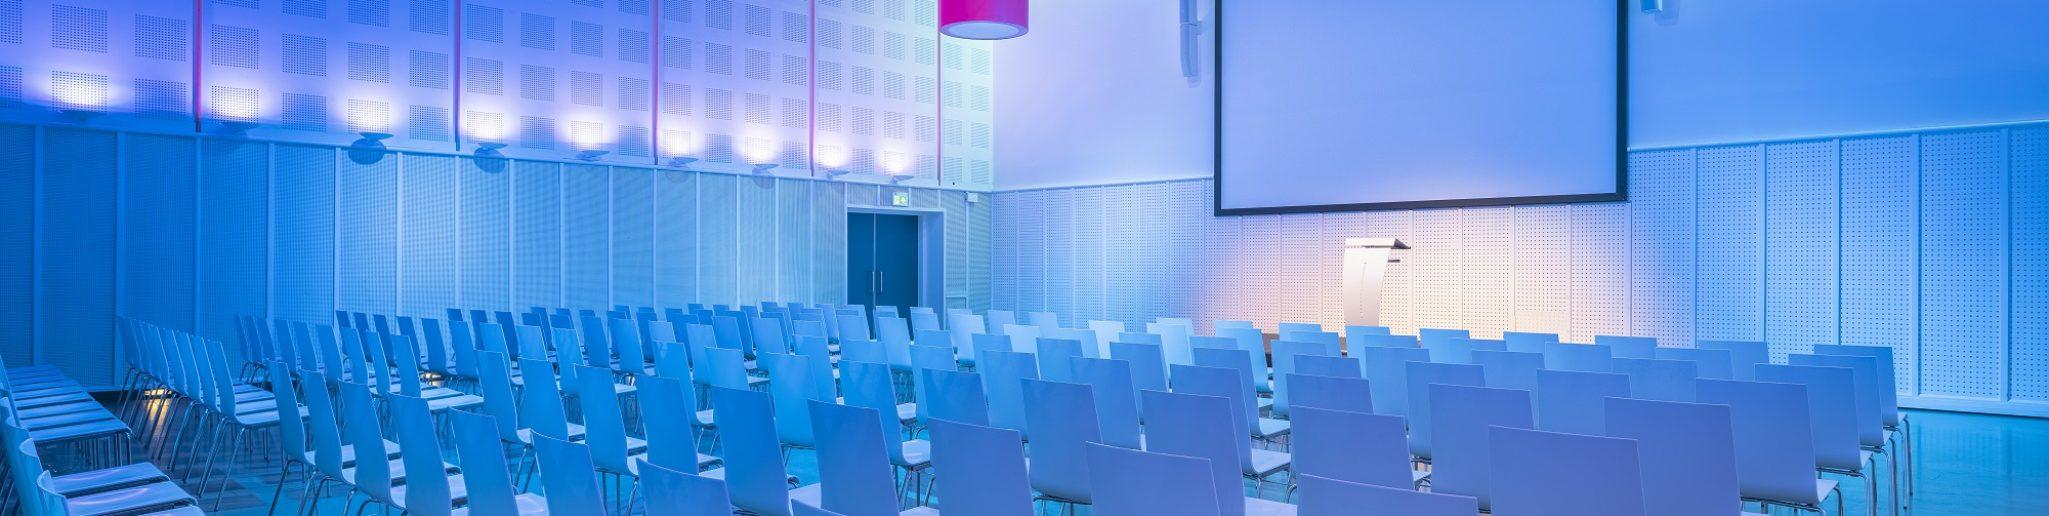 auditorium congres symposium locatie